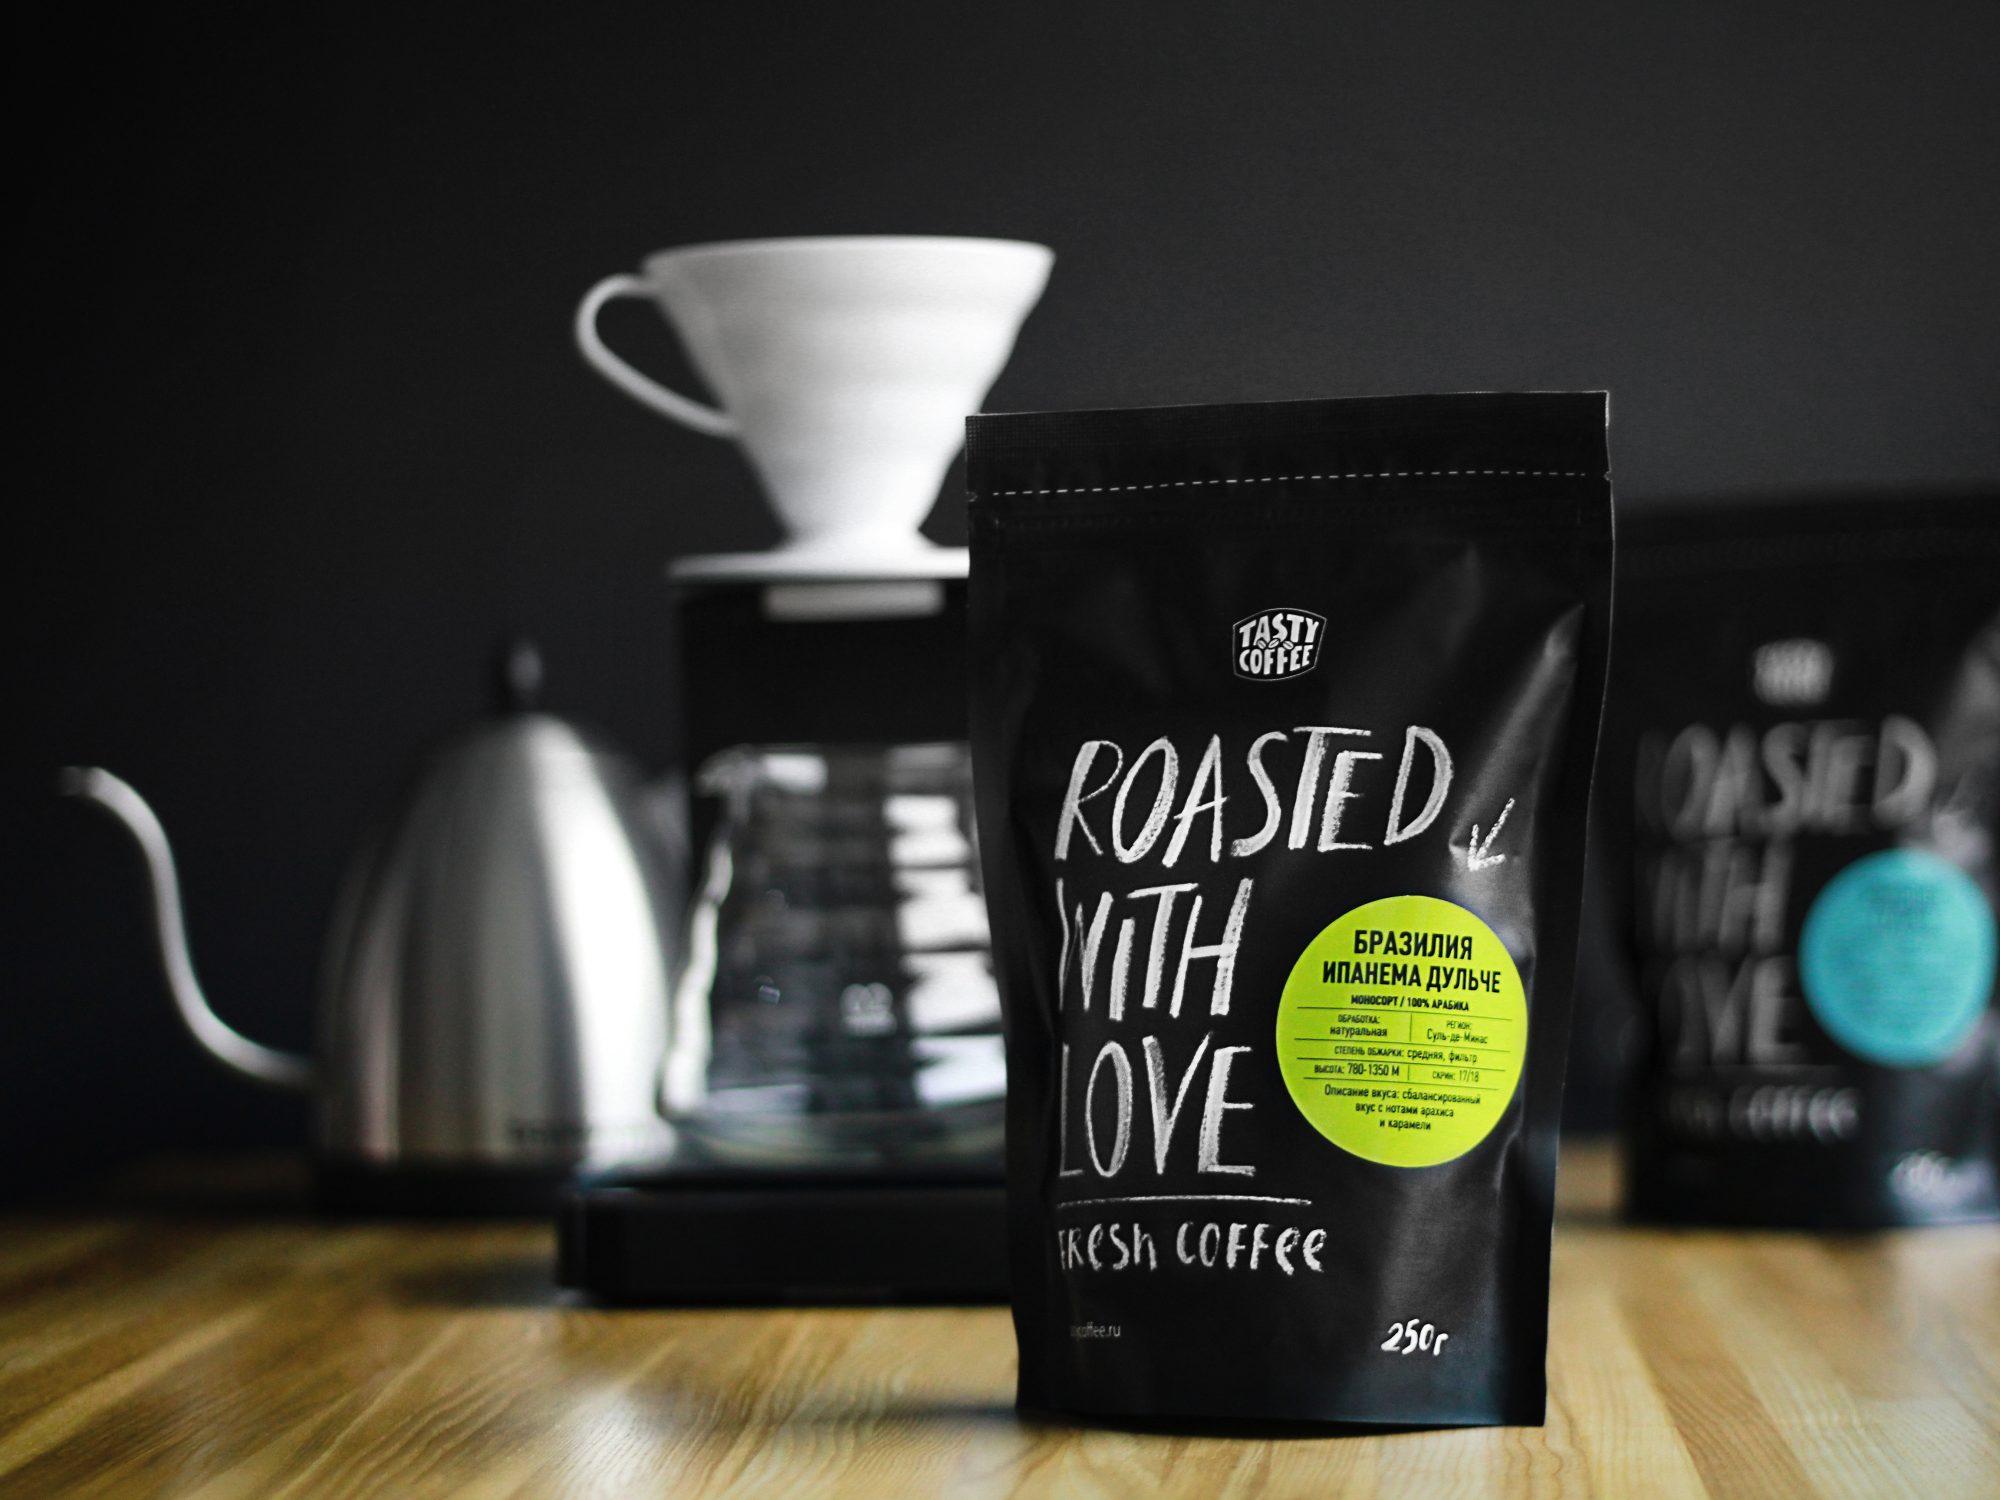 Tasty coffee New 2